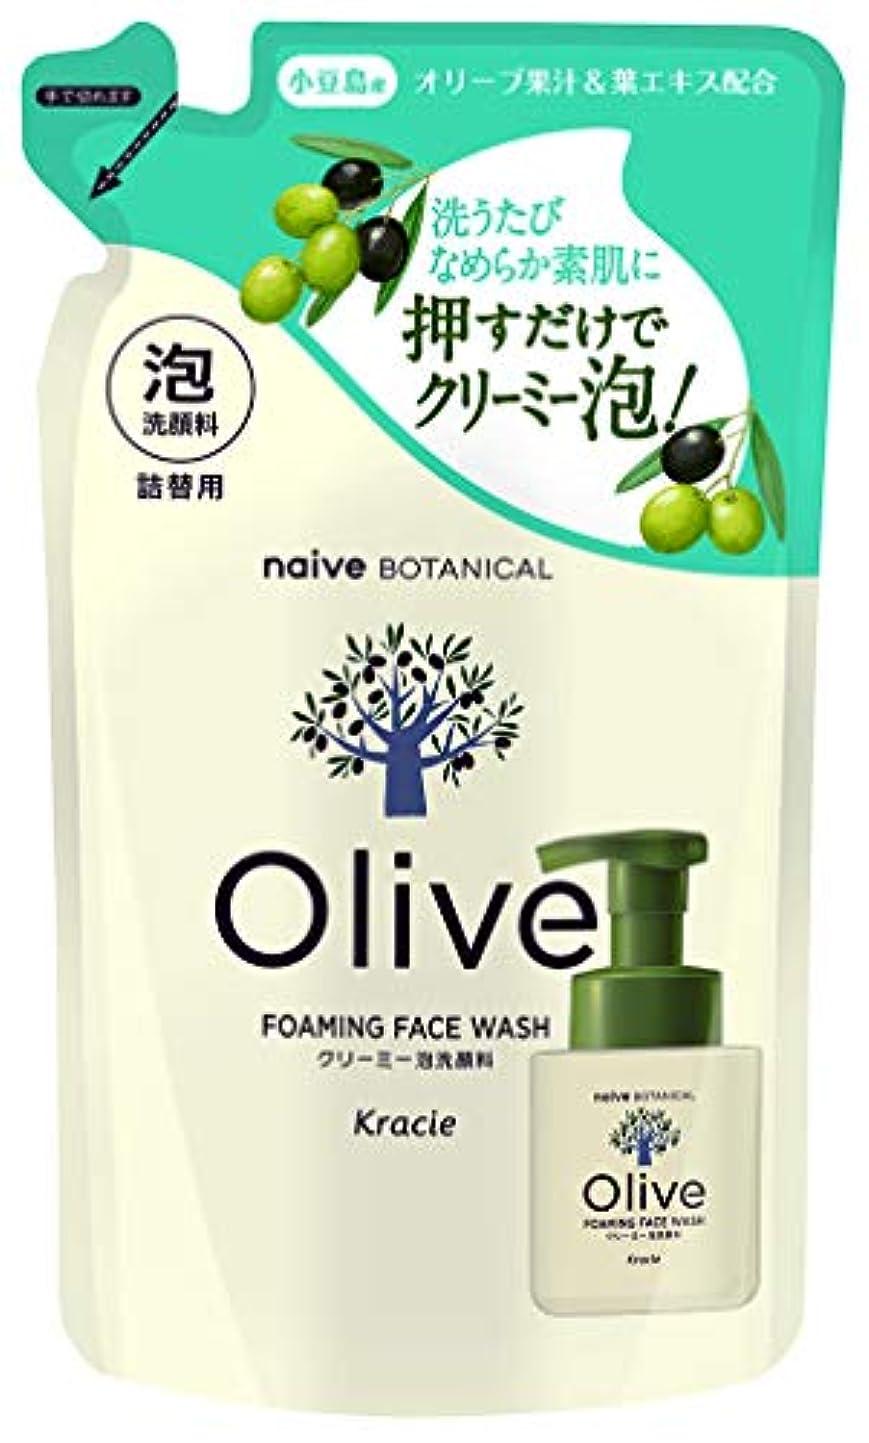 要旨愛されし者希少性オリーブの恵み ナイーブ ボタニカル クリーミー泡洗顔料 詰替用140mL